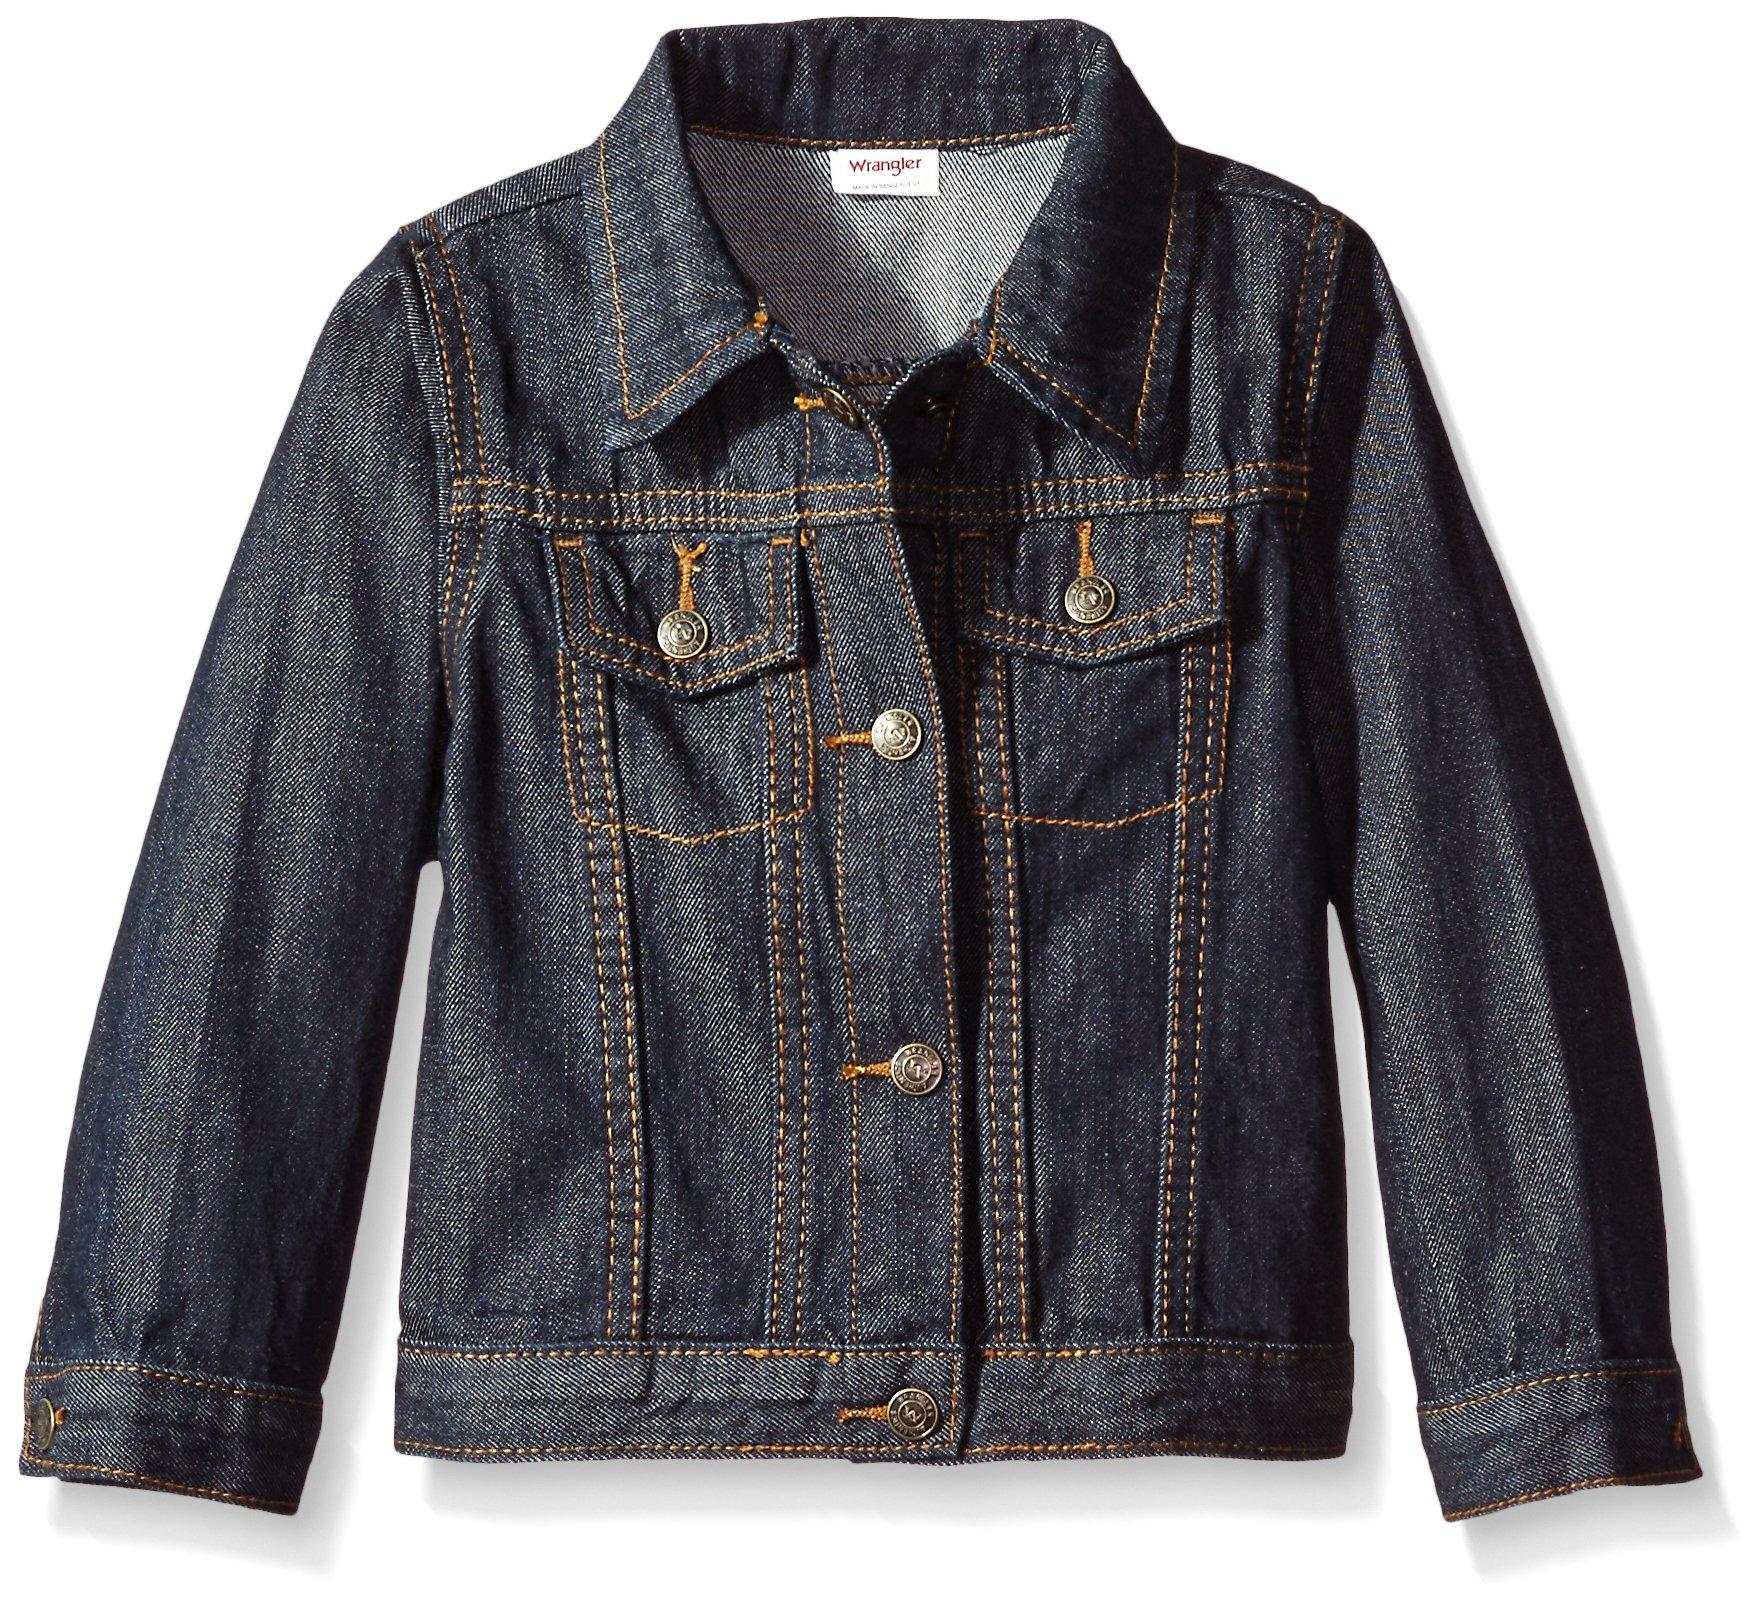 Wrangler Toddler Boys' Authentics Denim Jacket, Ocean Deep, 5T by Wrangler